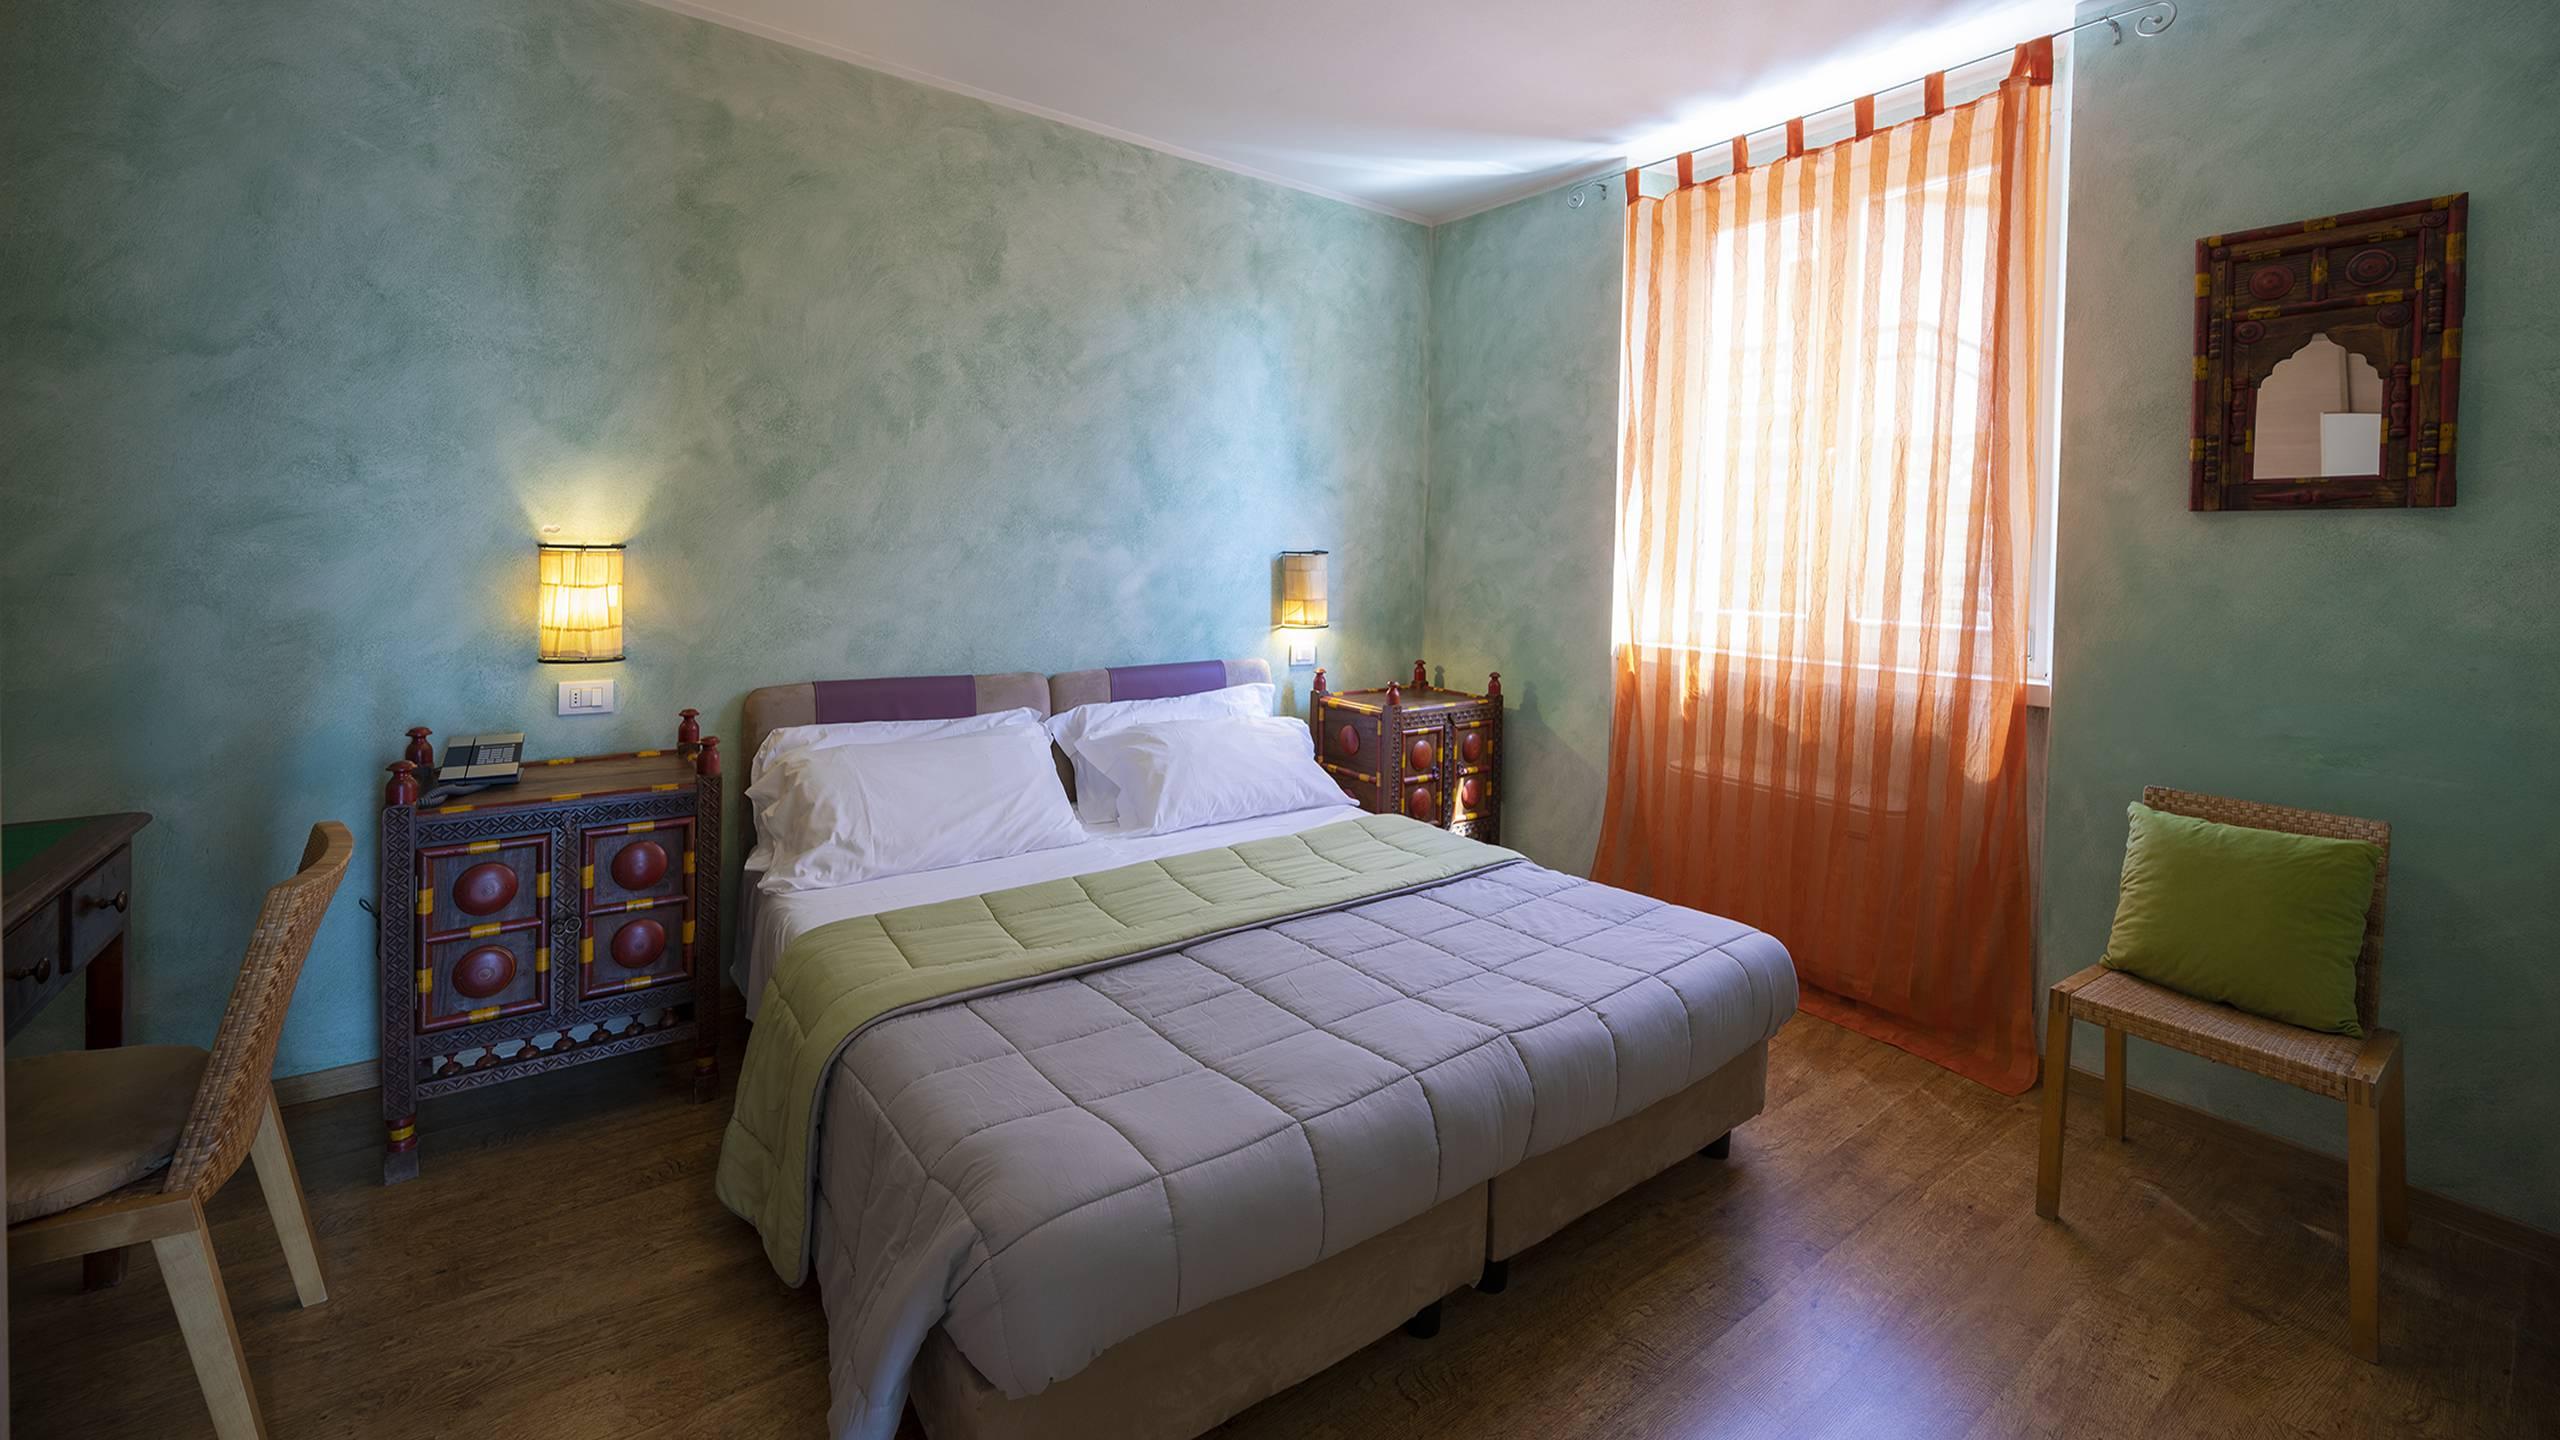 Villa-Bellaria-Bed-and-Breakfast-Riva-del-Garda-apartment-1-DSC0663